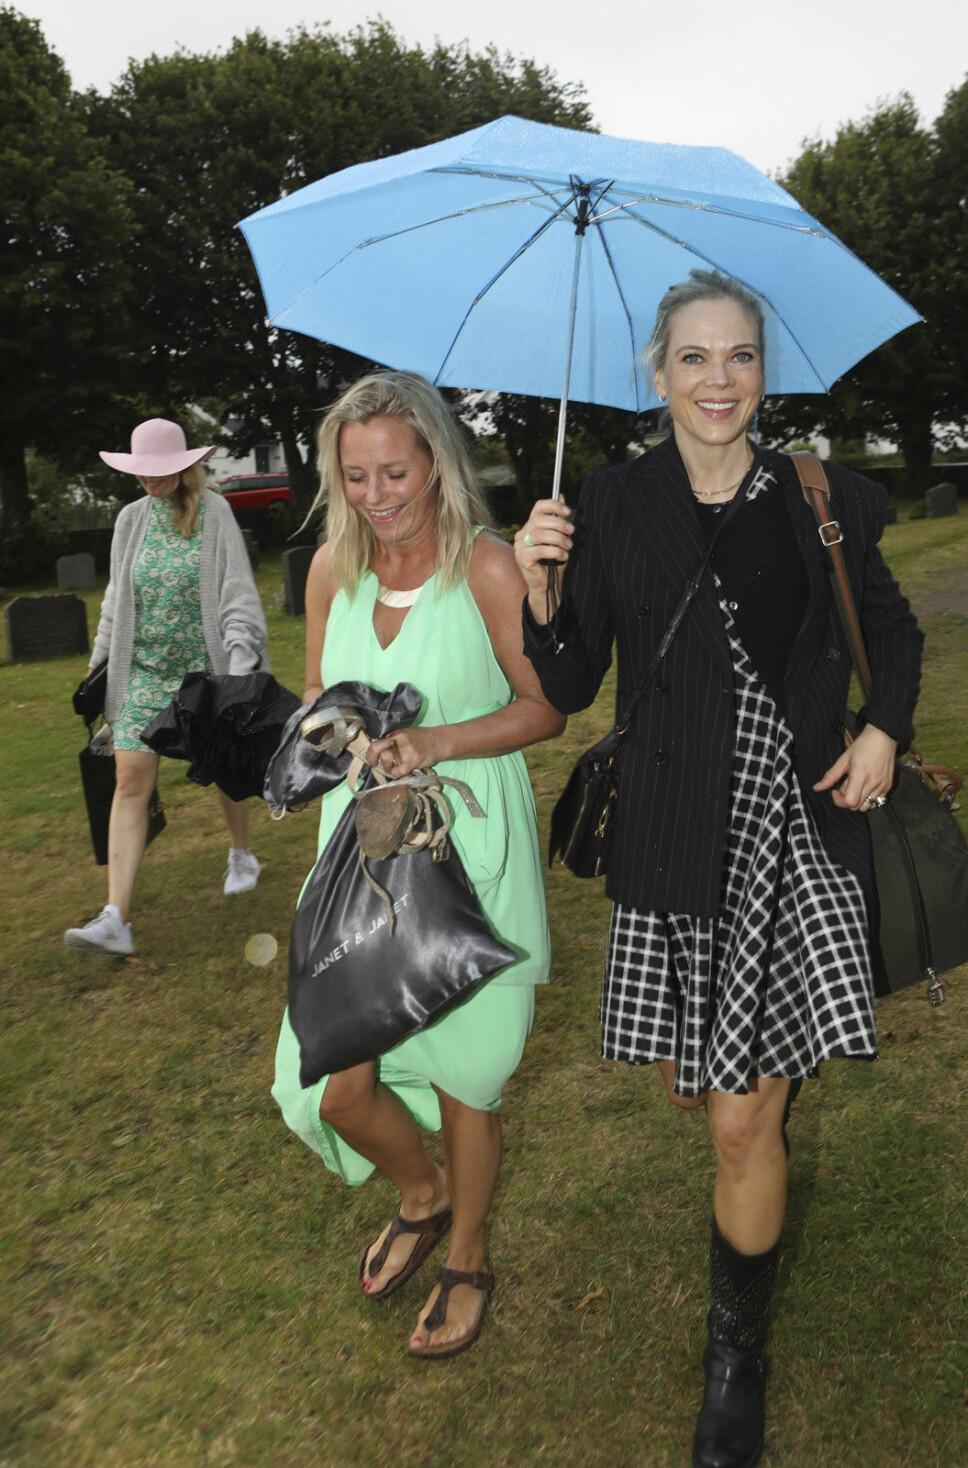 FESTKLEDDE: Solveig Kloppen og Ane Dahl Torp var blant gjestene invitert i bryllupet til Henriette Steenstrup og Rune Assmann.